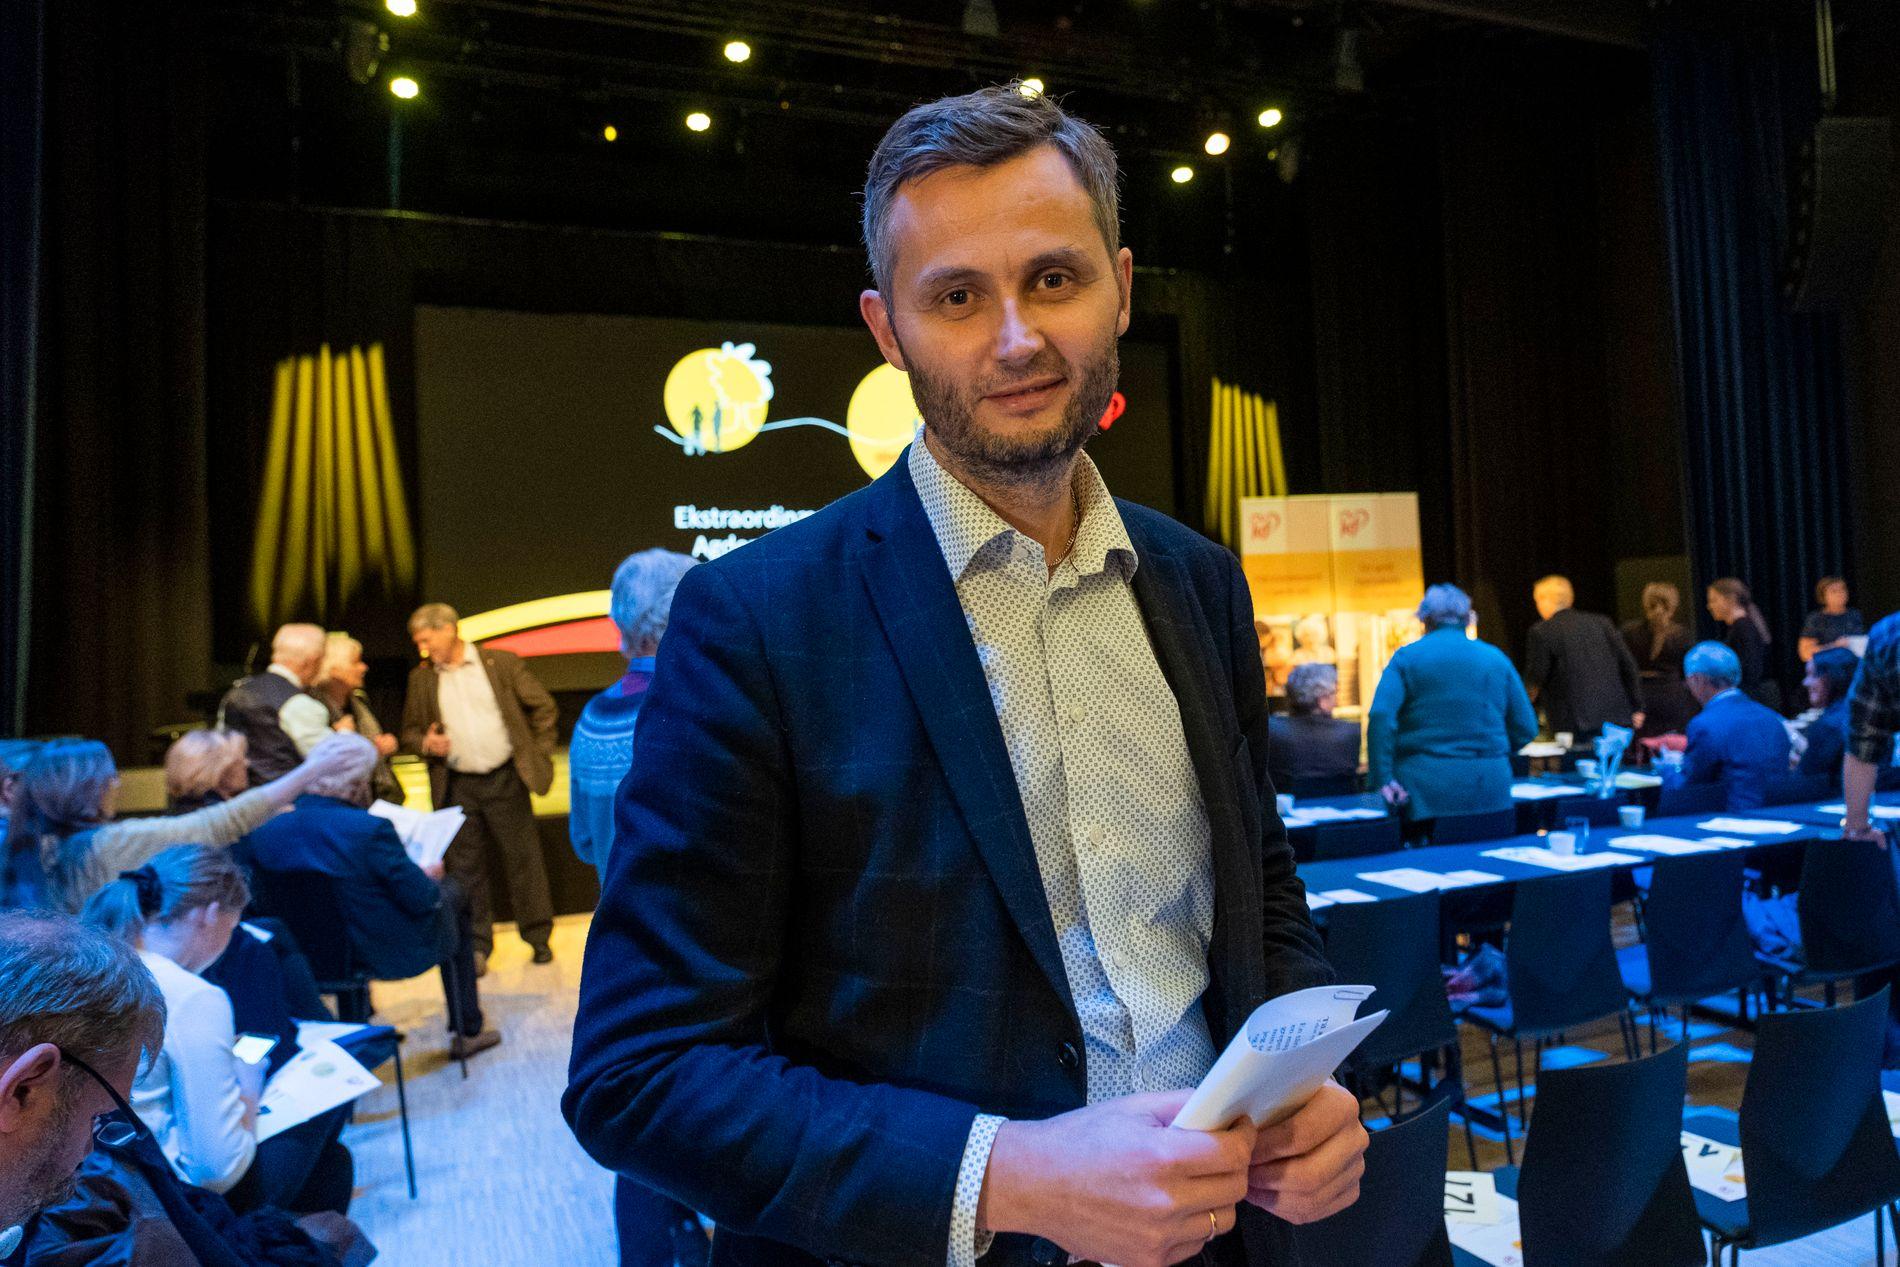 STØRST: Fylkesleder Per Sverre Kvinlaug på årsmøtet til Agder KrF i Lillesand fredag kveld.